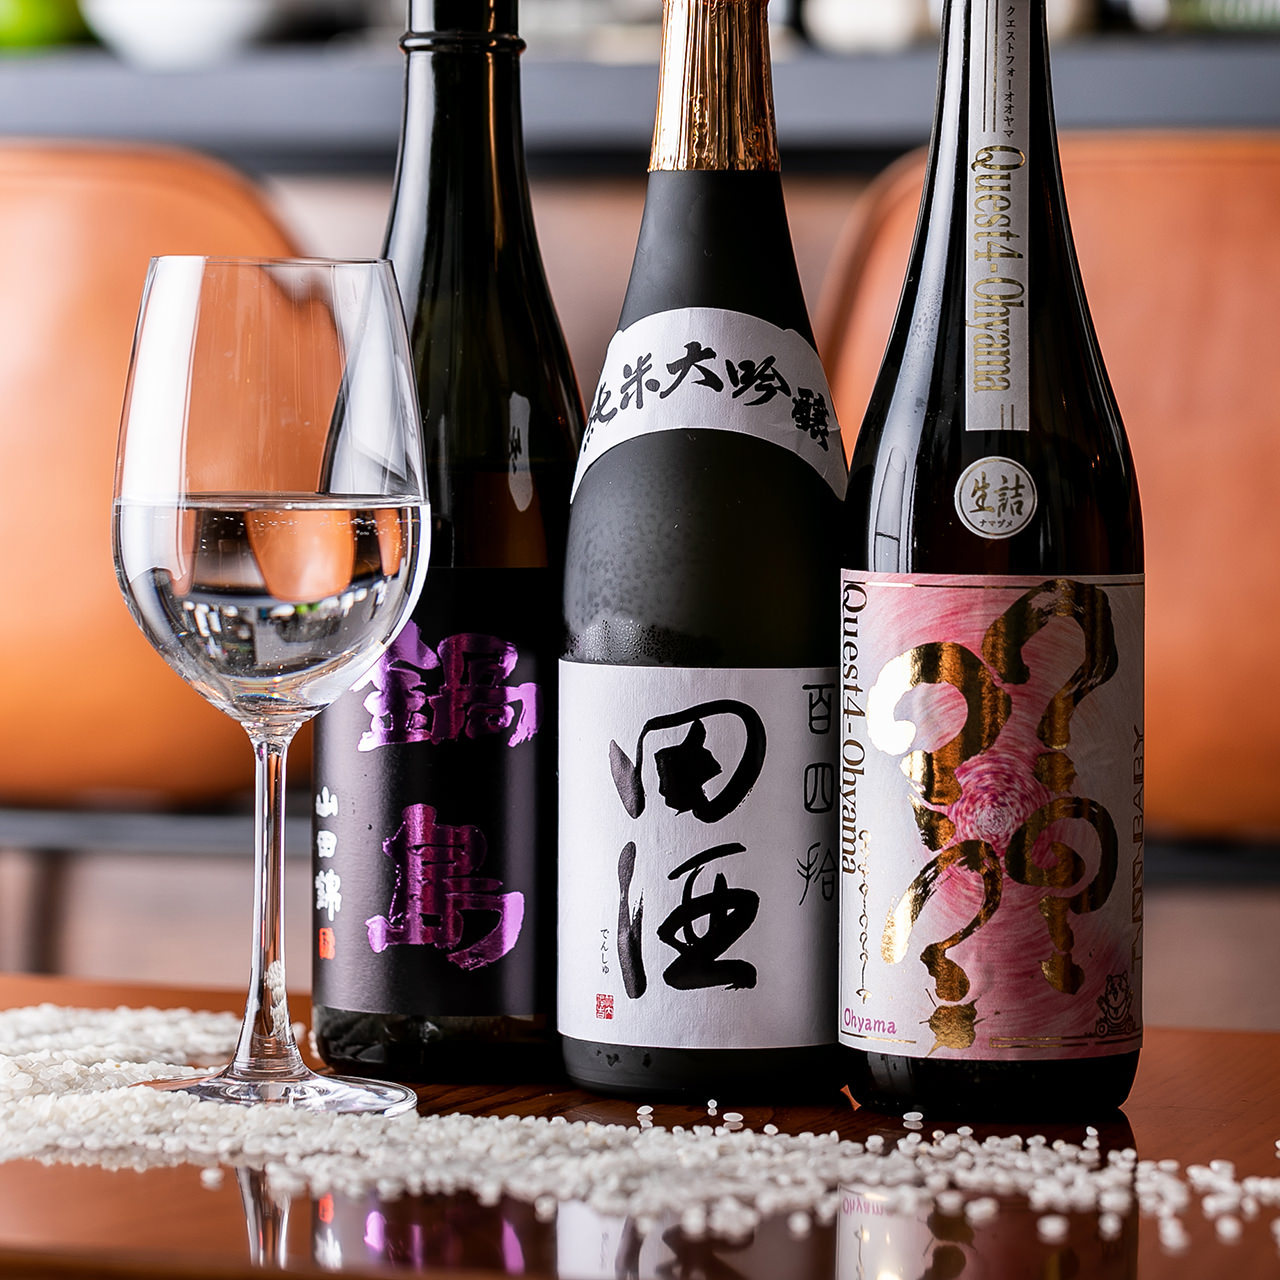 特別な日本酒・ワイン・オーガニック